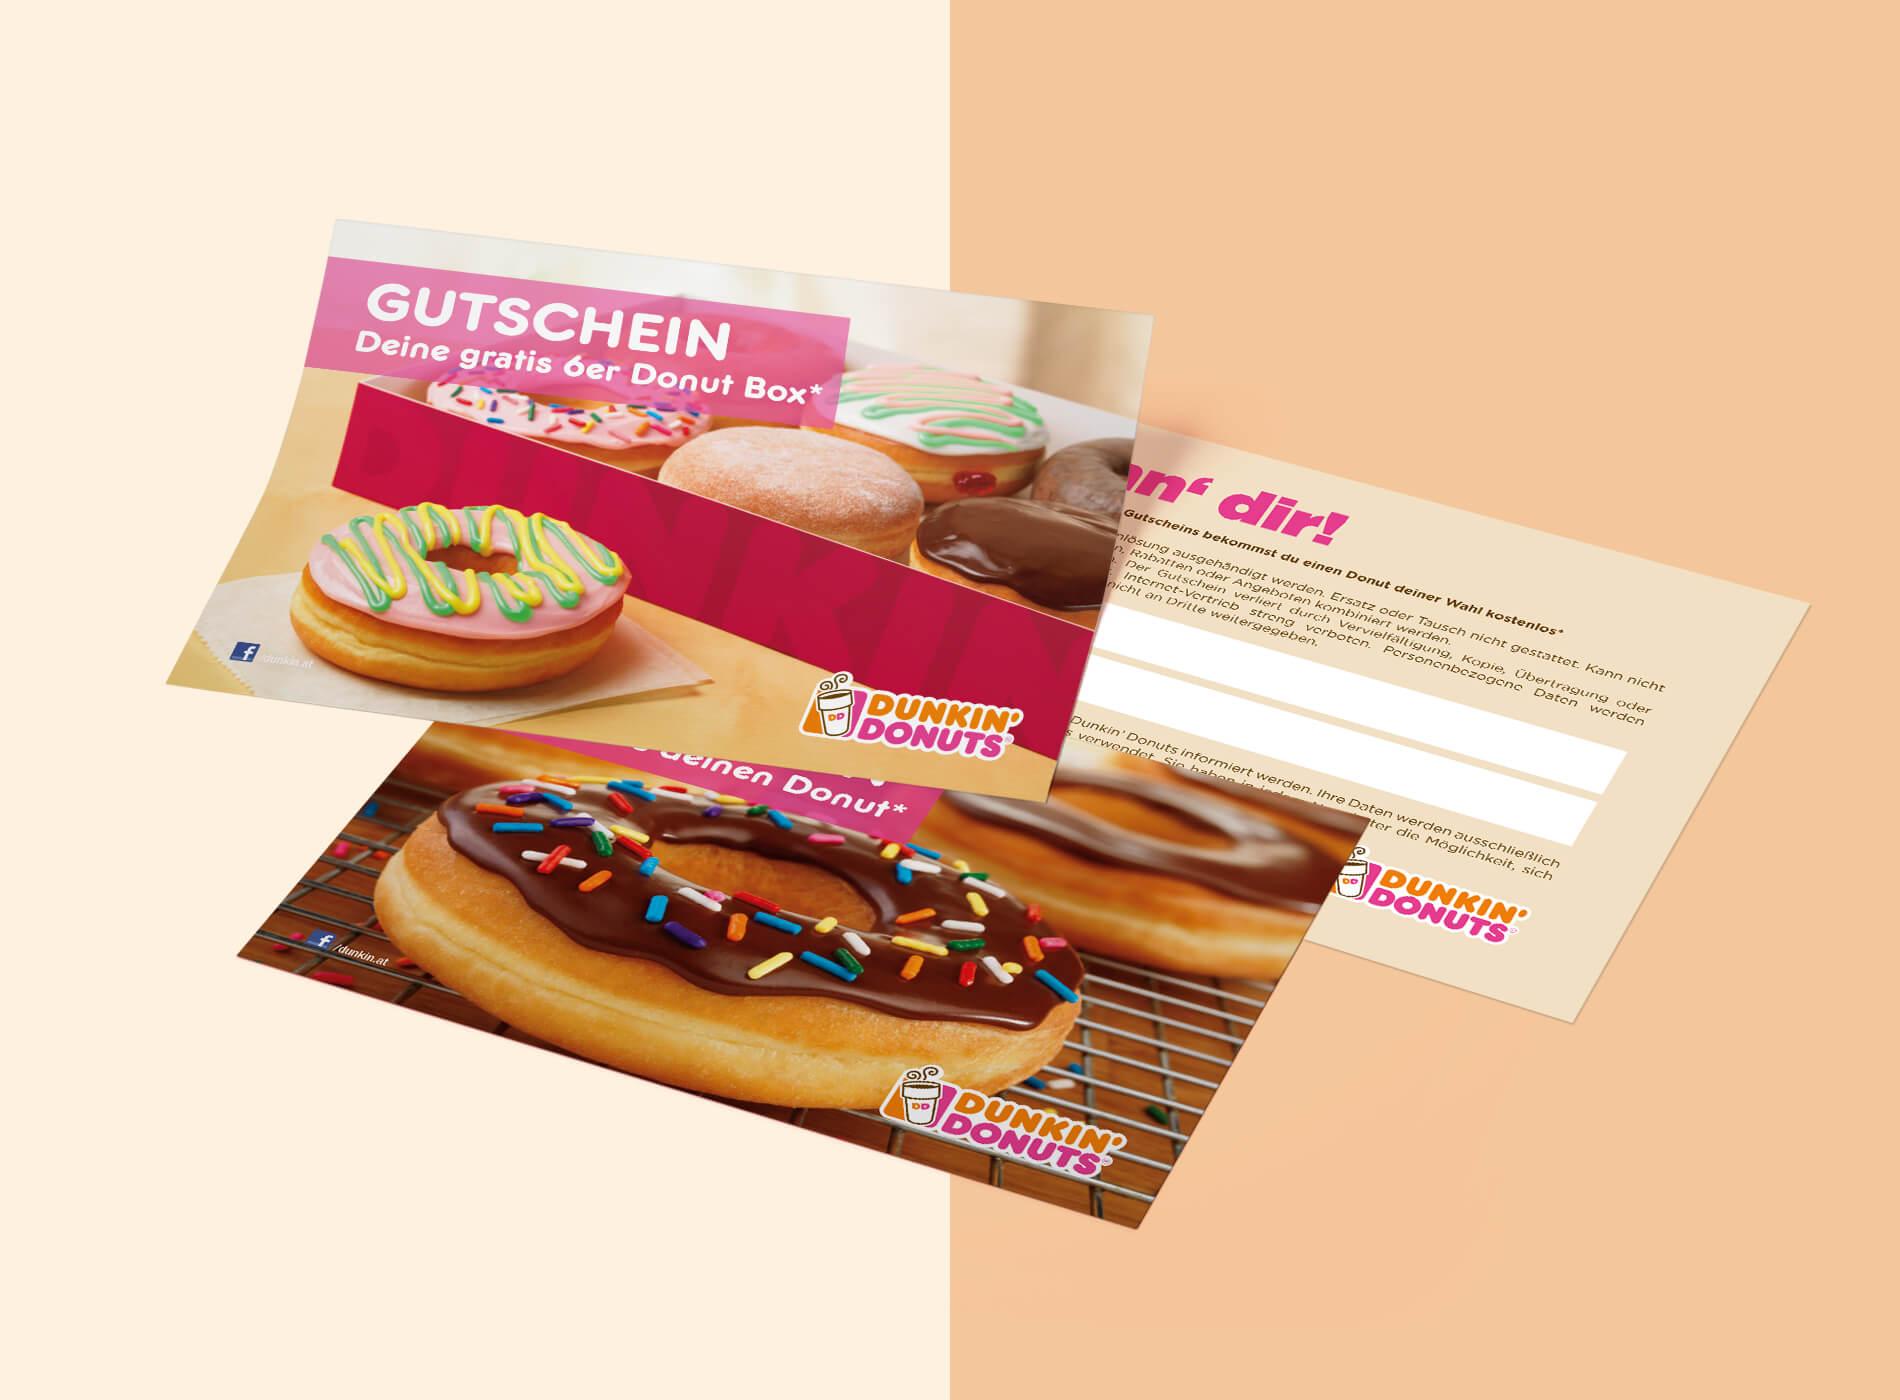 dunkin donuts gutschein